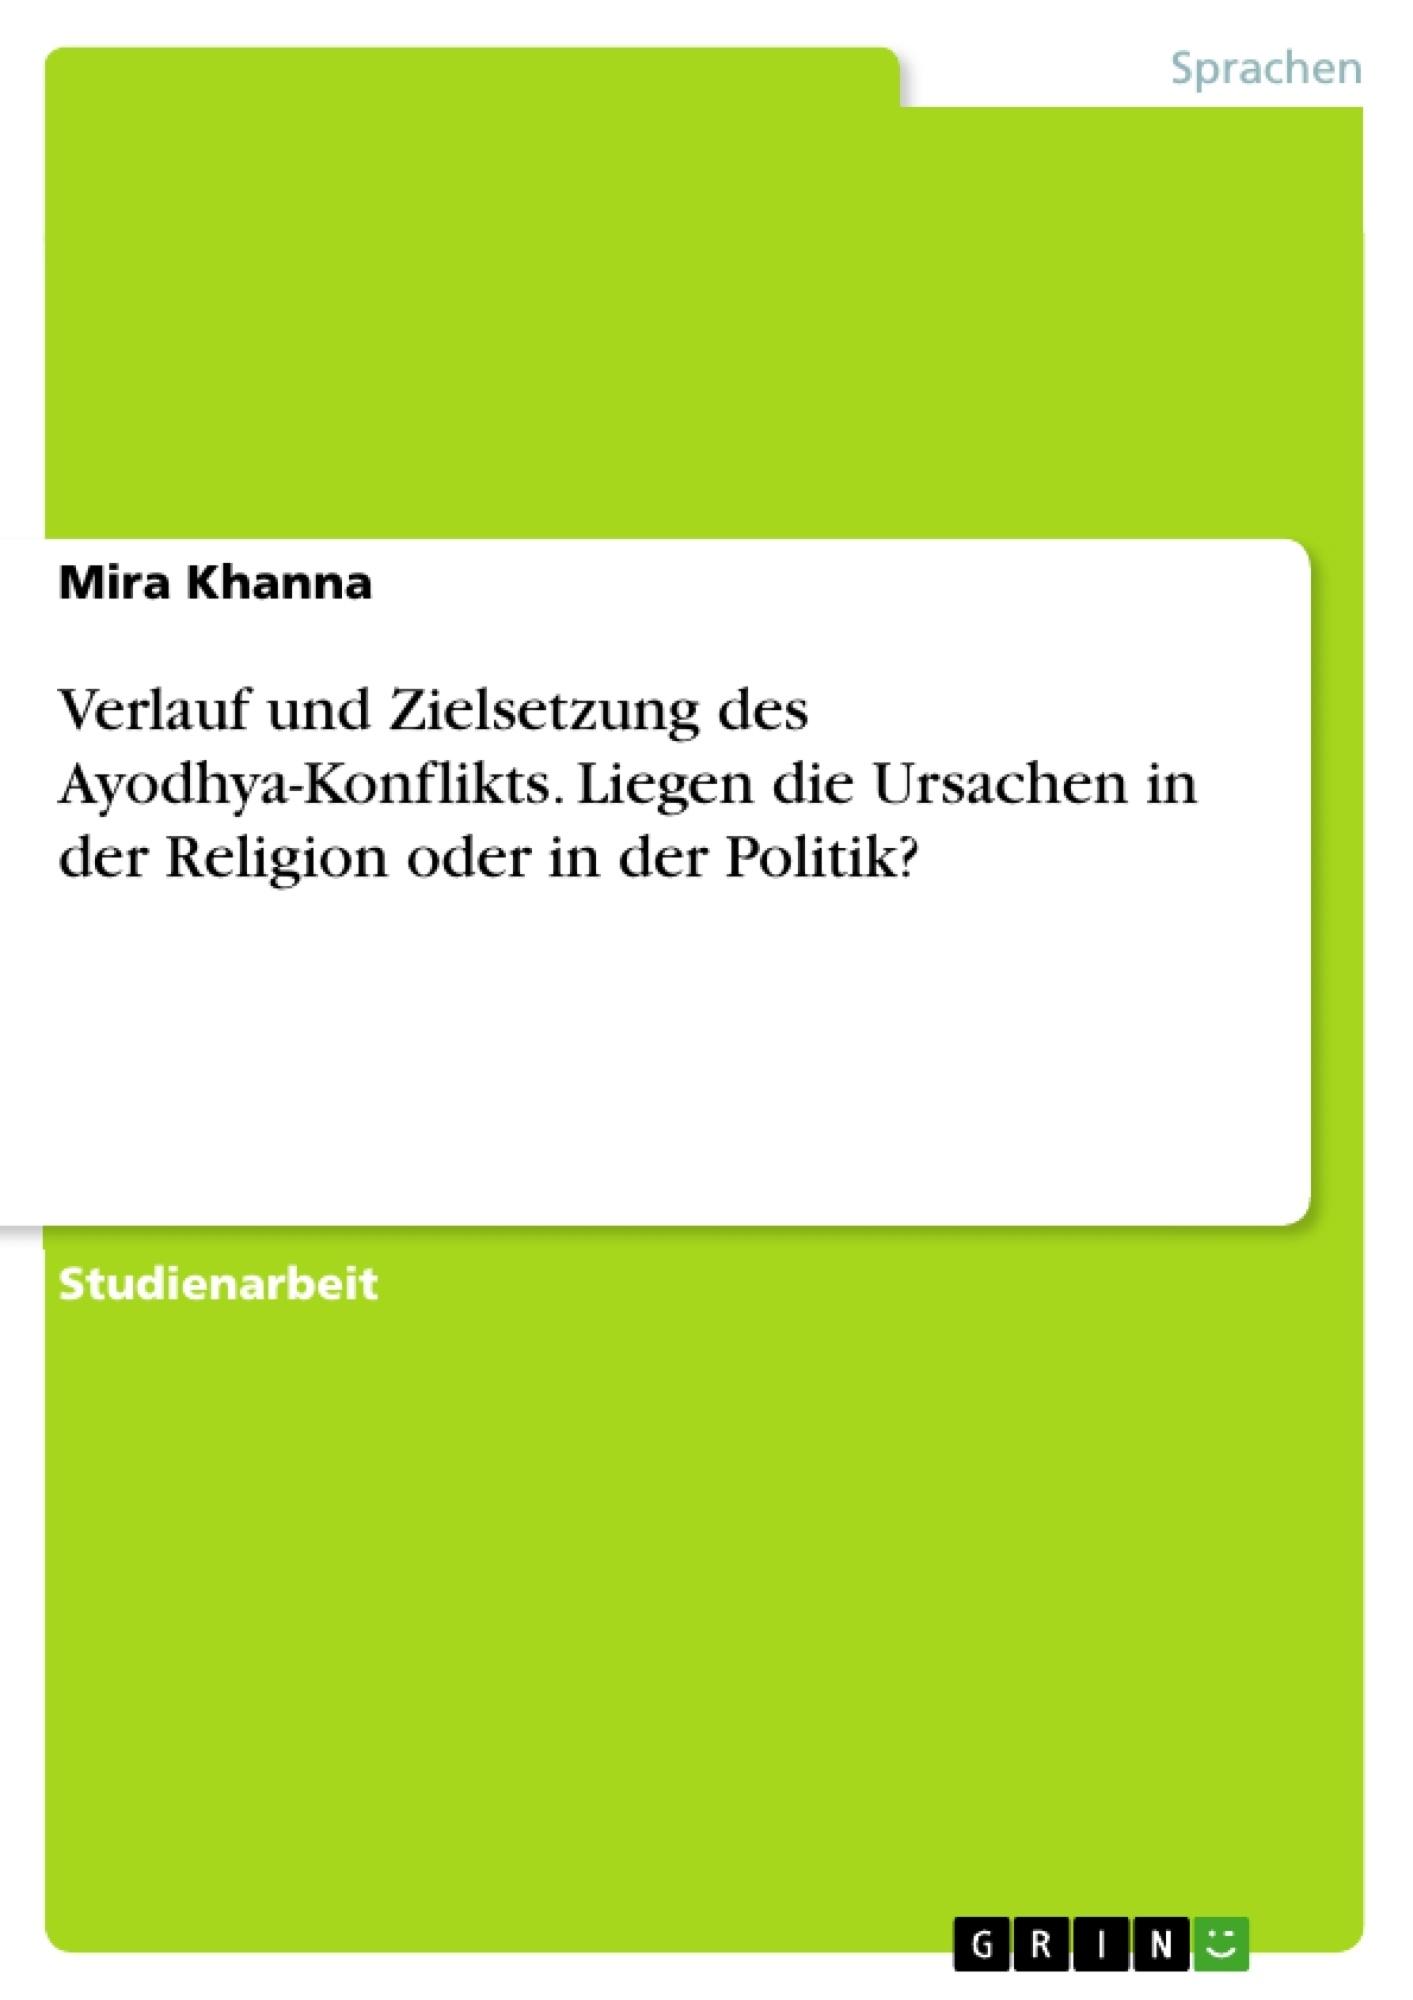 Titel: Verlauf und Zielsetzung des Ayodhya-Konflikts. Liegen die Ursachen in der Religion oder in der Politik?